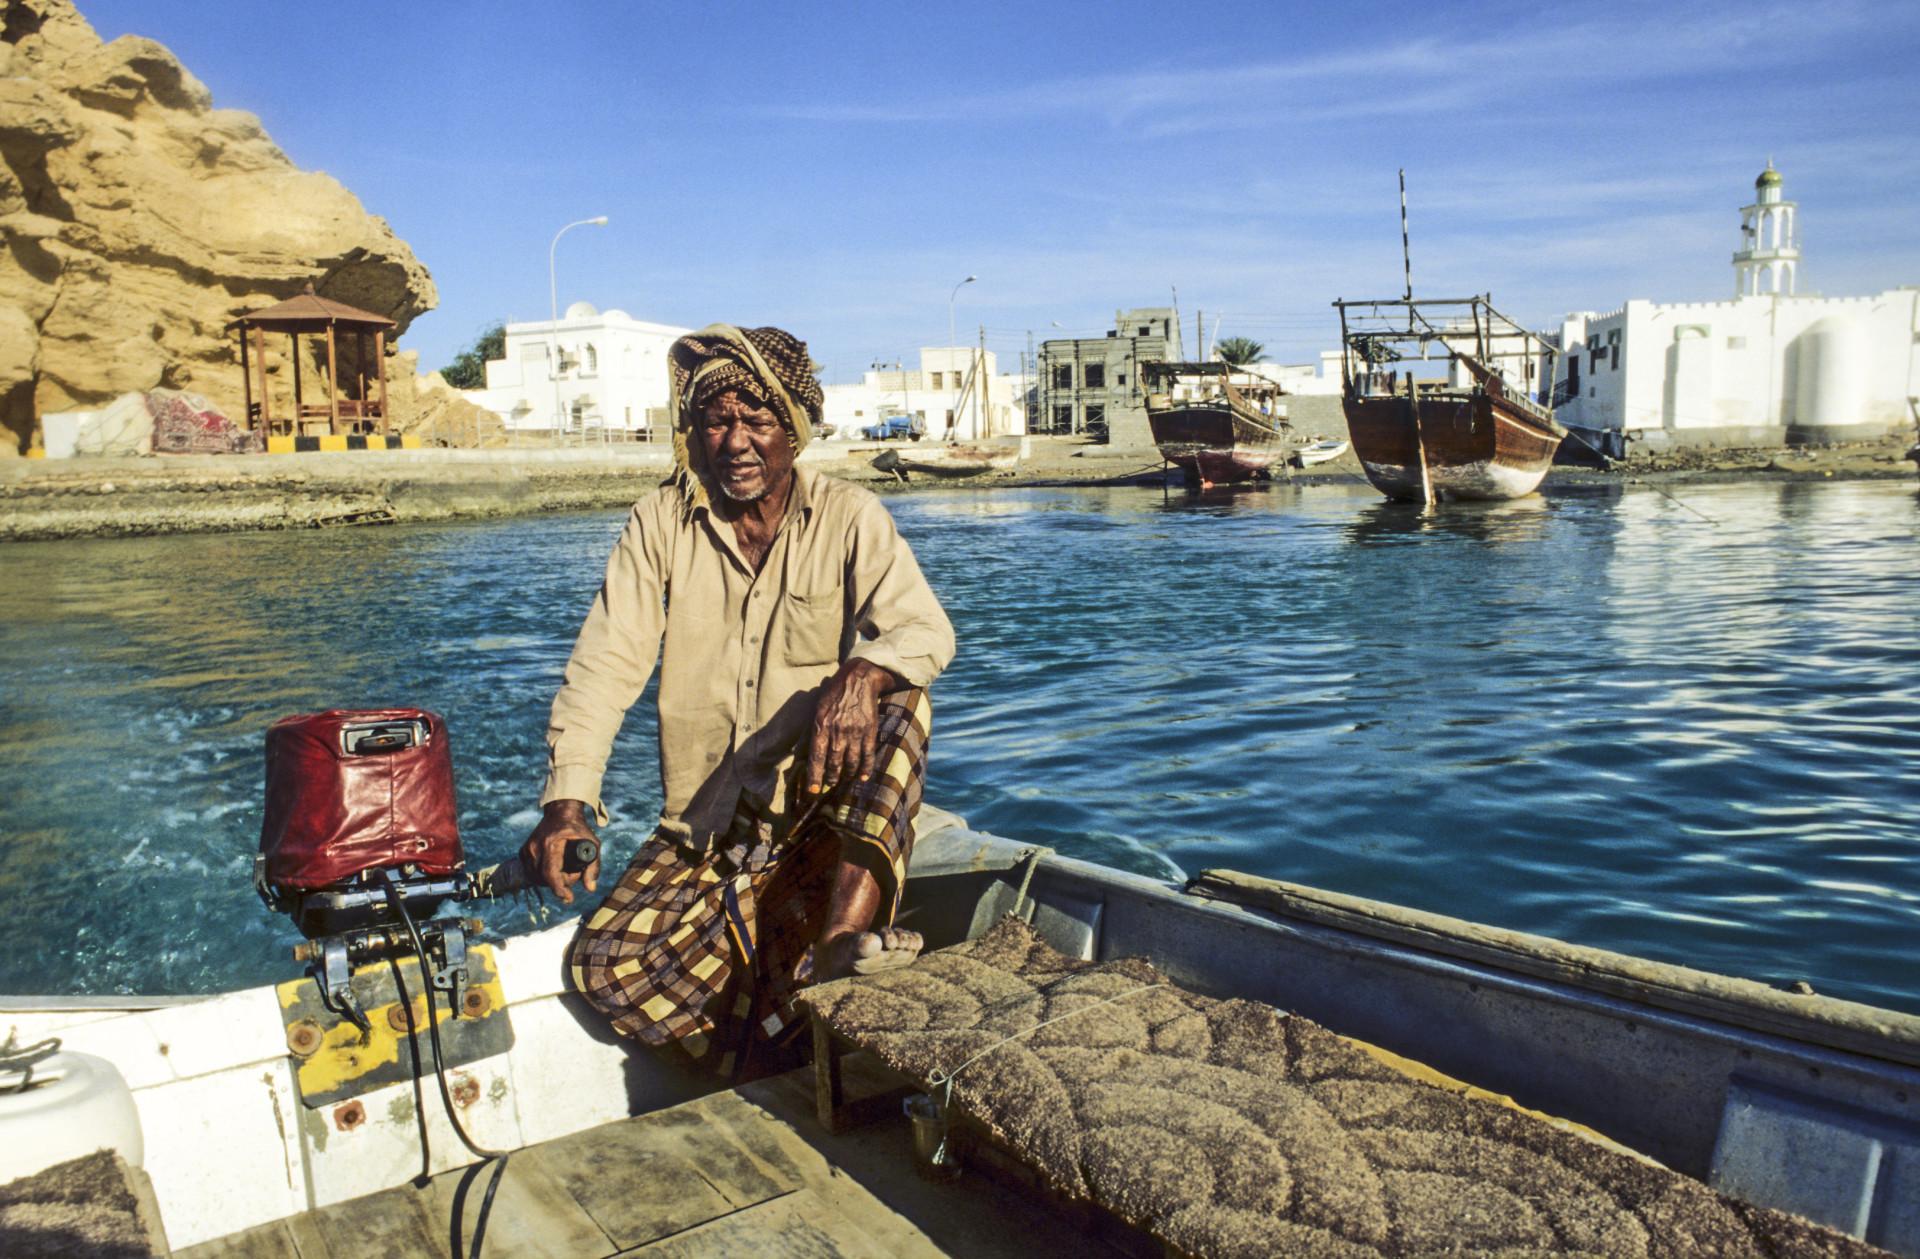 Bootje met local man, Sur, Oman